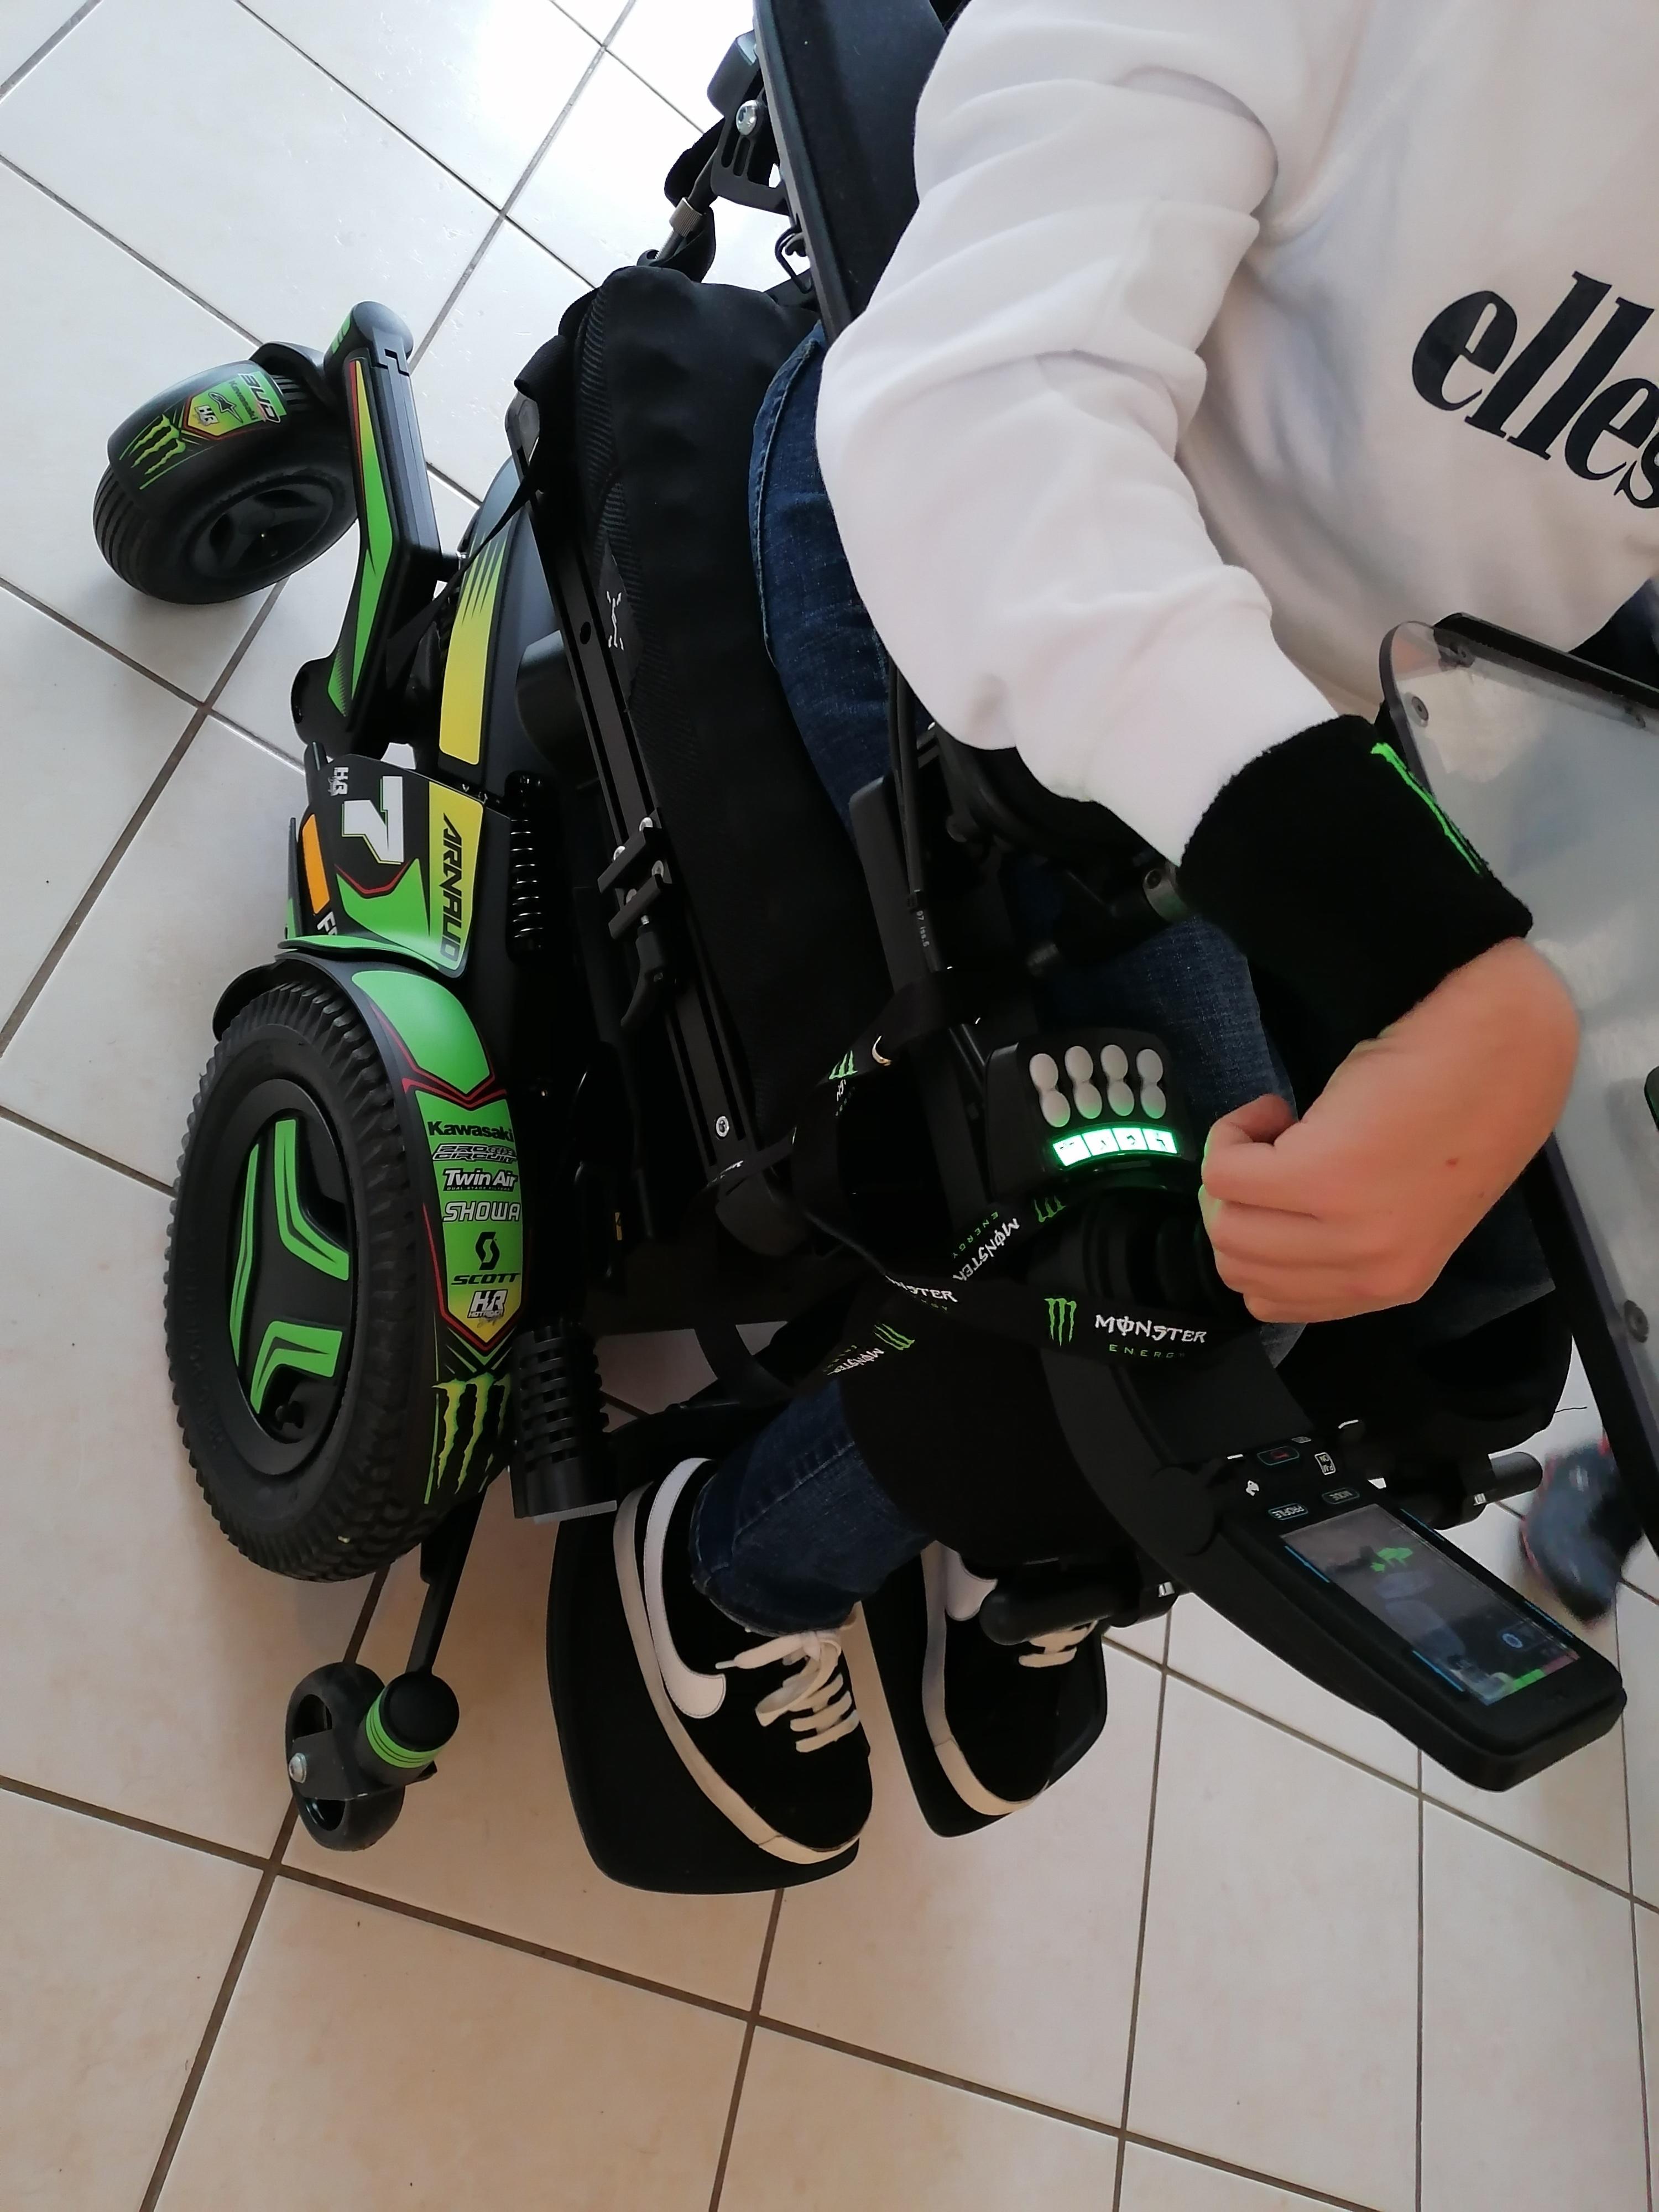 Déco personnalisée fauteuil roulant